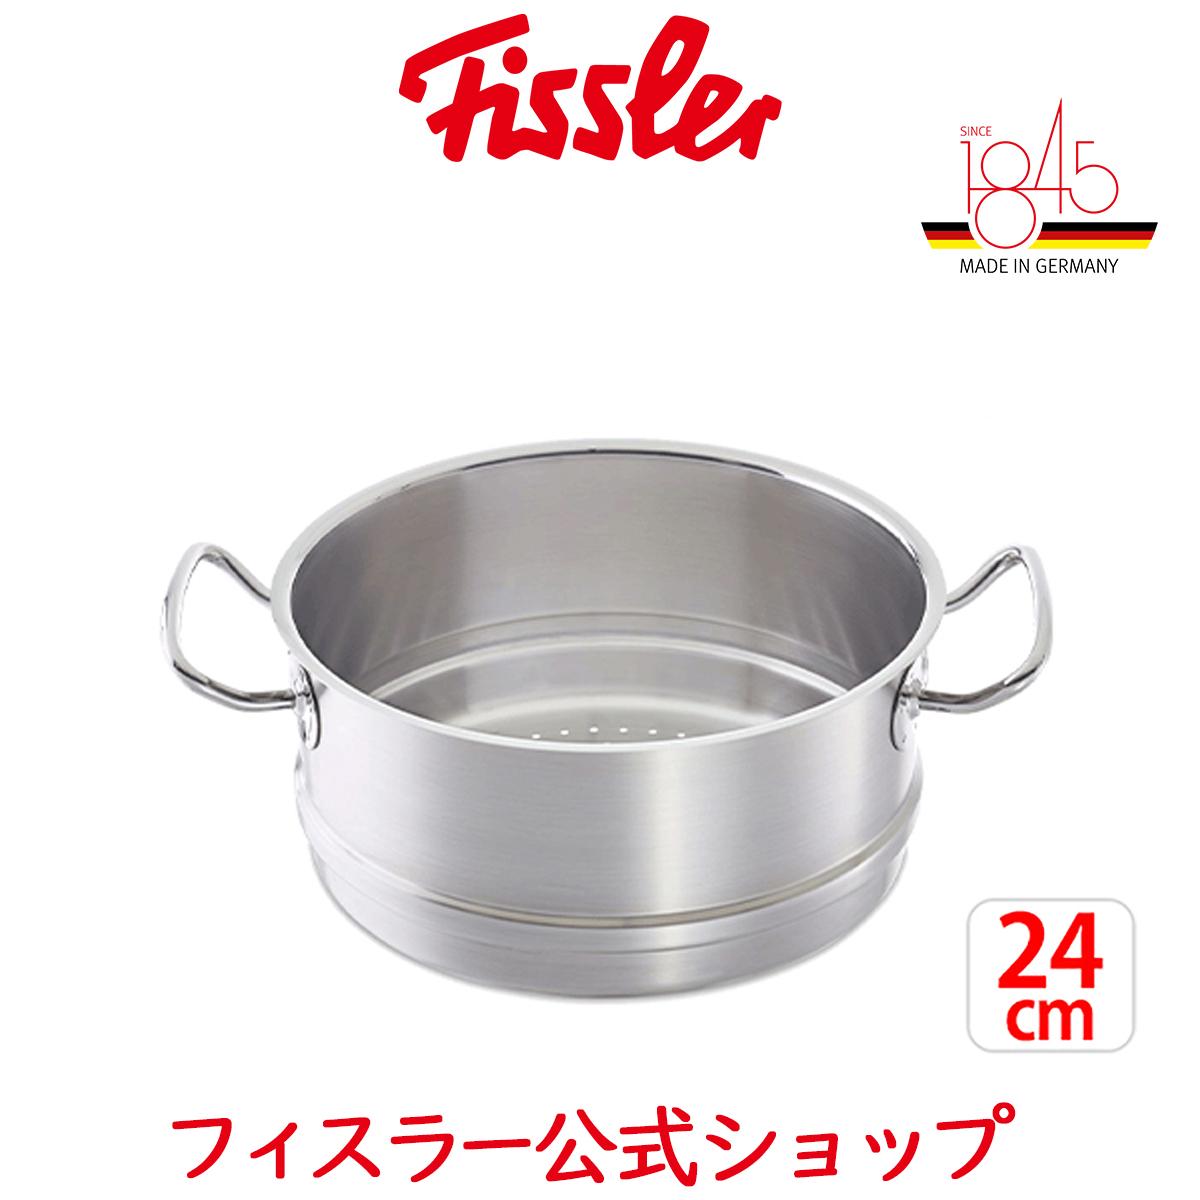 【公式】 フィスラー プロコレクション スチーマー 24cm Fissler メーカー公式 ドイツ製 ステンレス 083-773-24-000